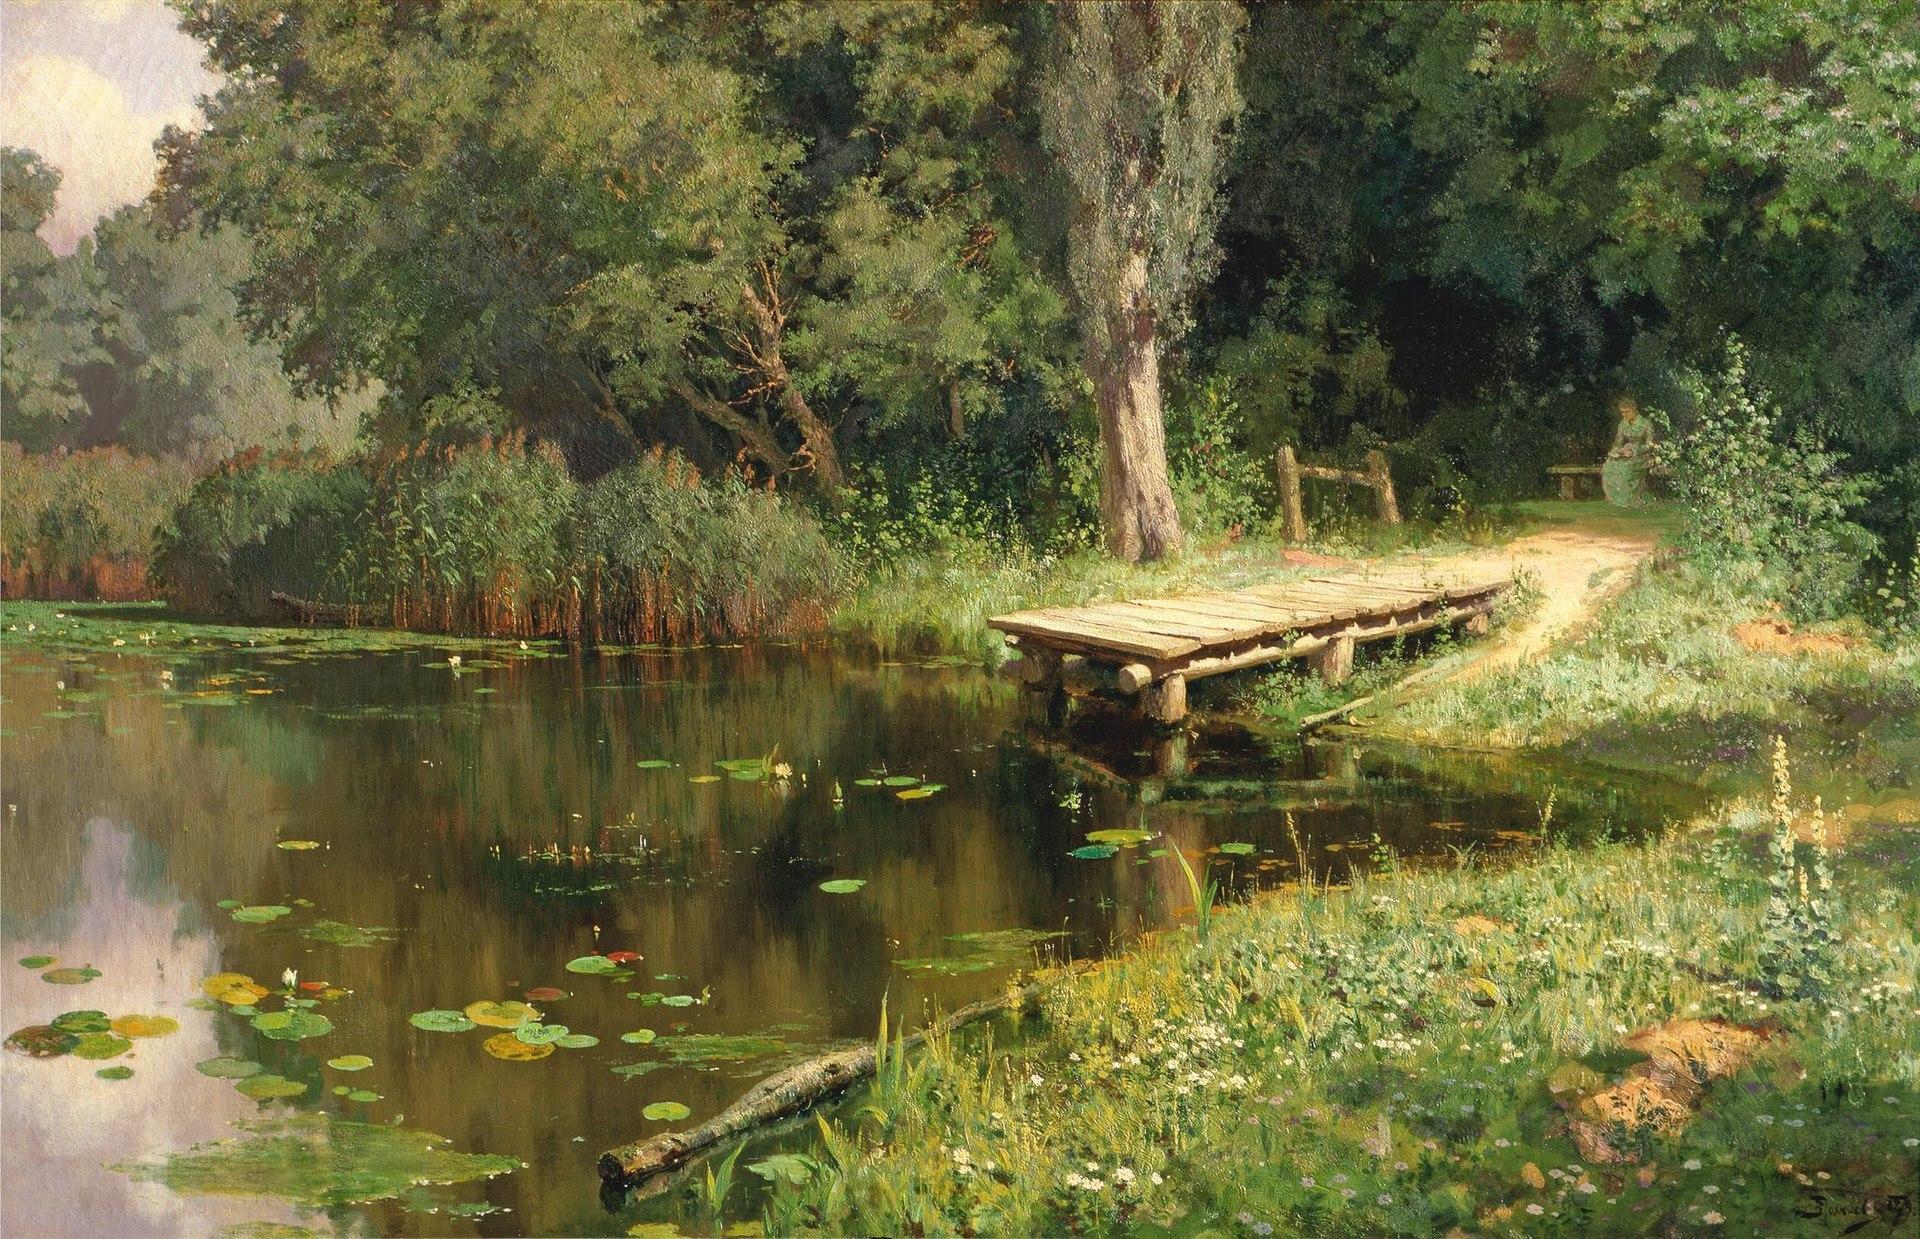 Василий Поленов, 1879 год, картина «Заросший пруд».